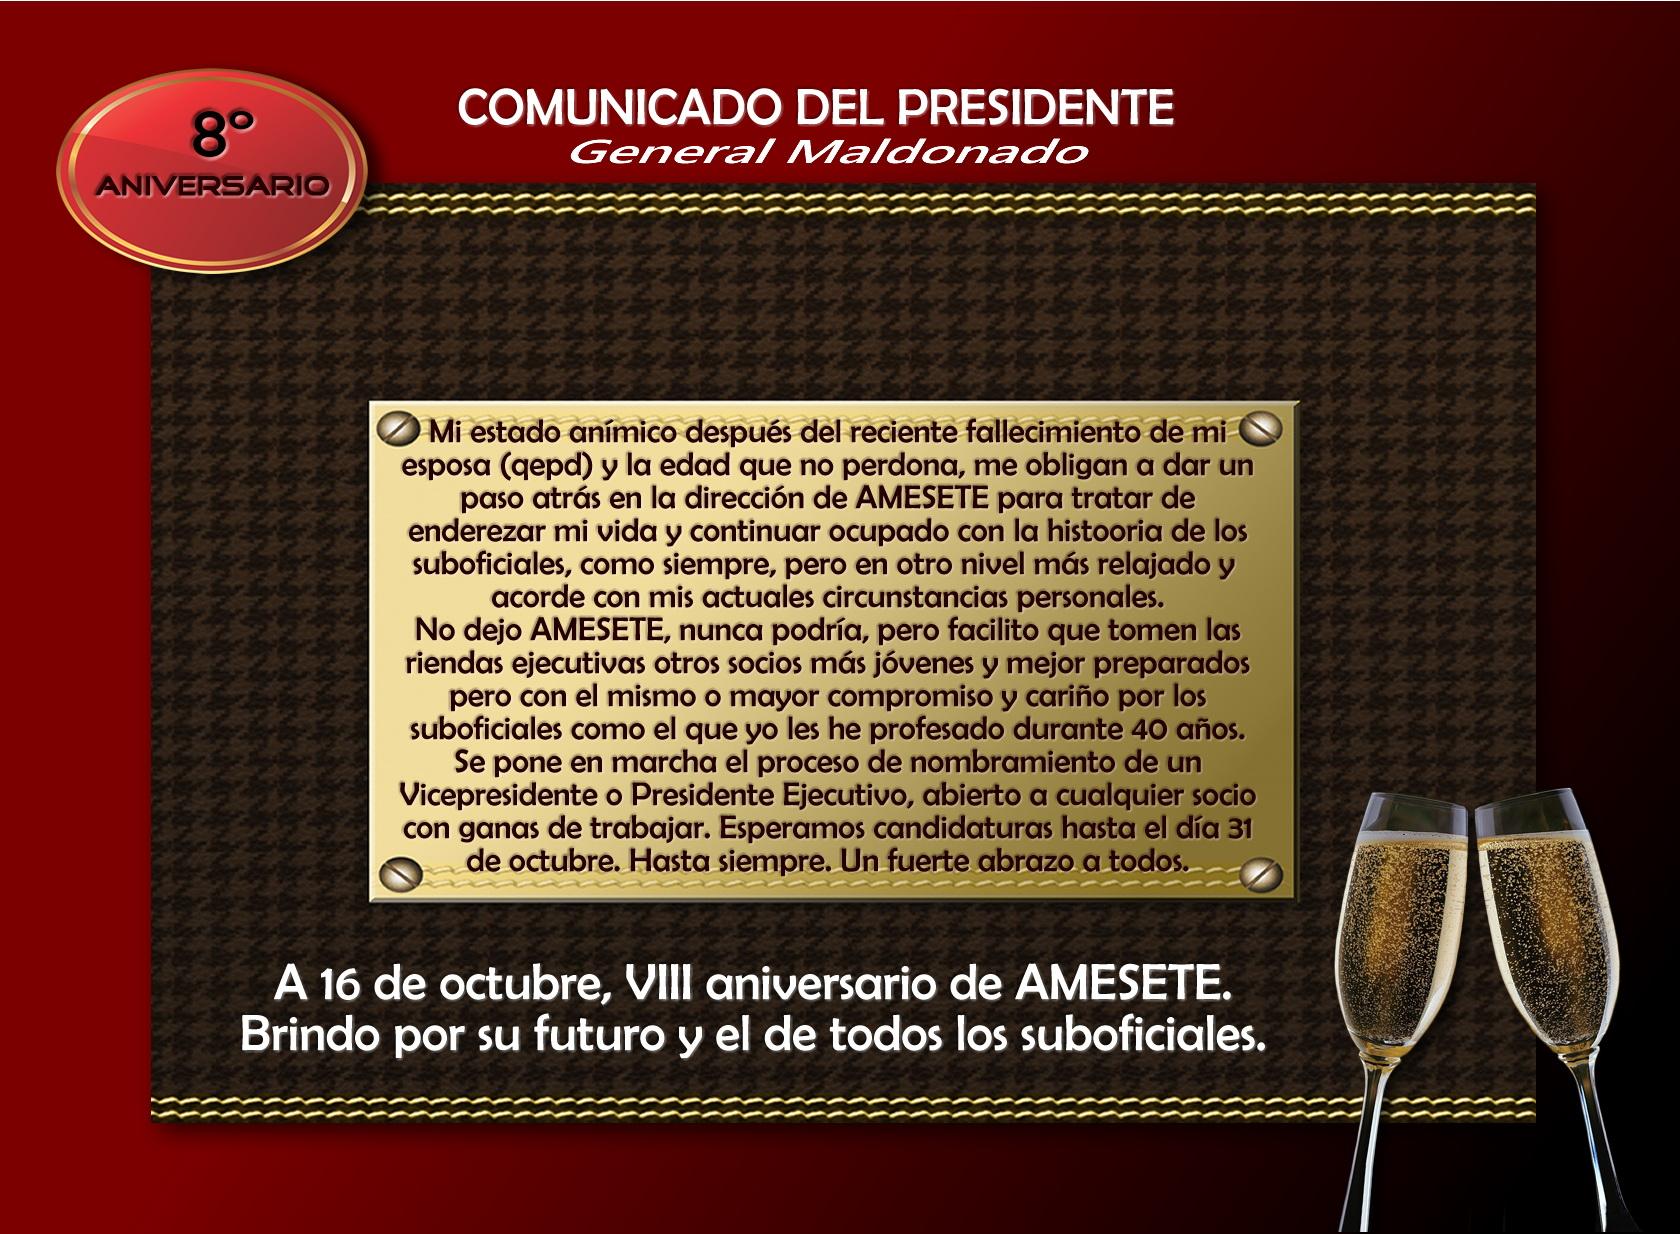 Comunicado del General Maldonado, Presidente de AMESETE